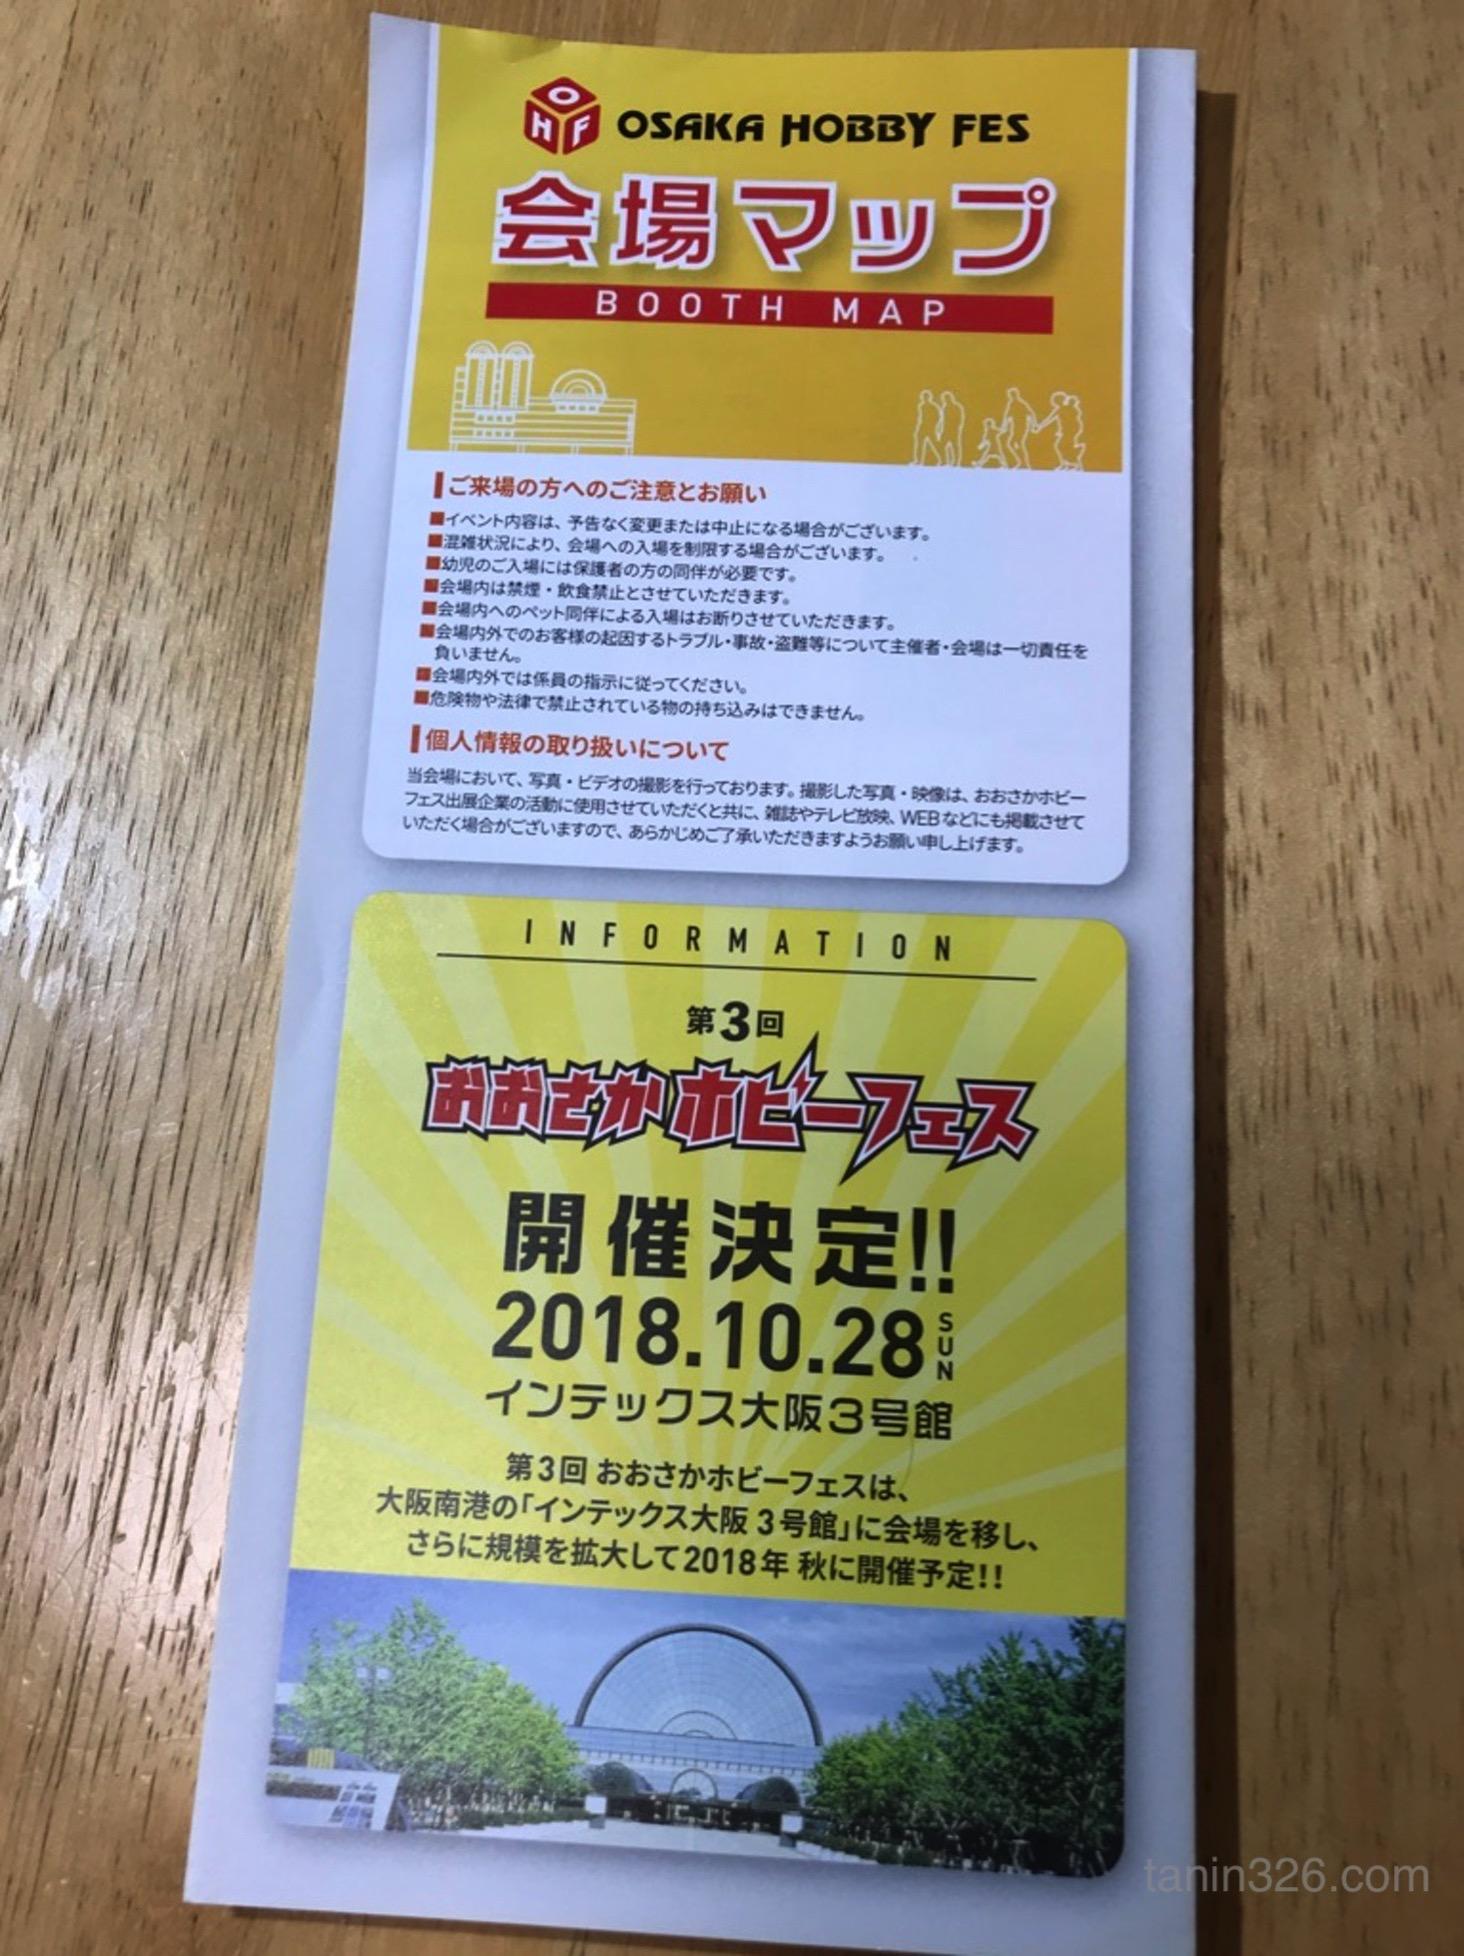 Osaka hobby fes03